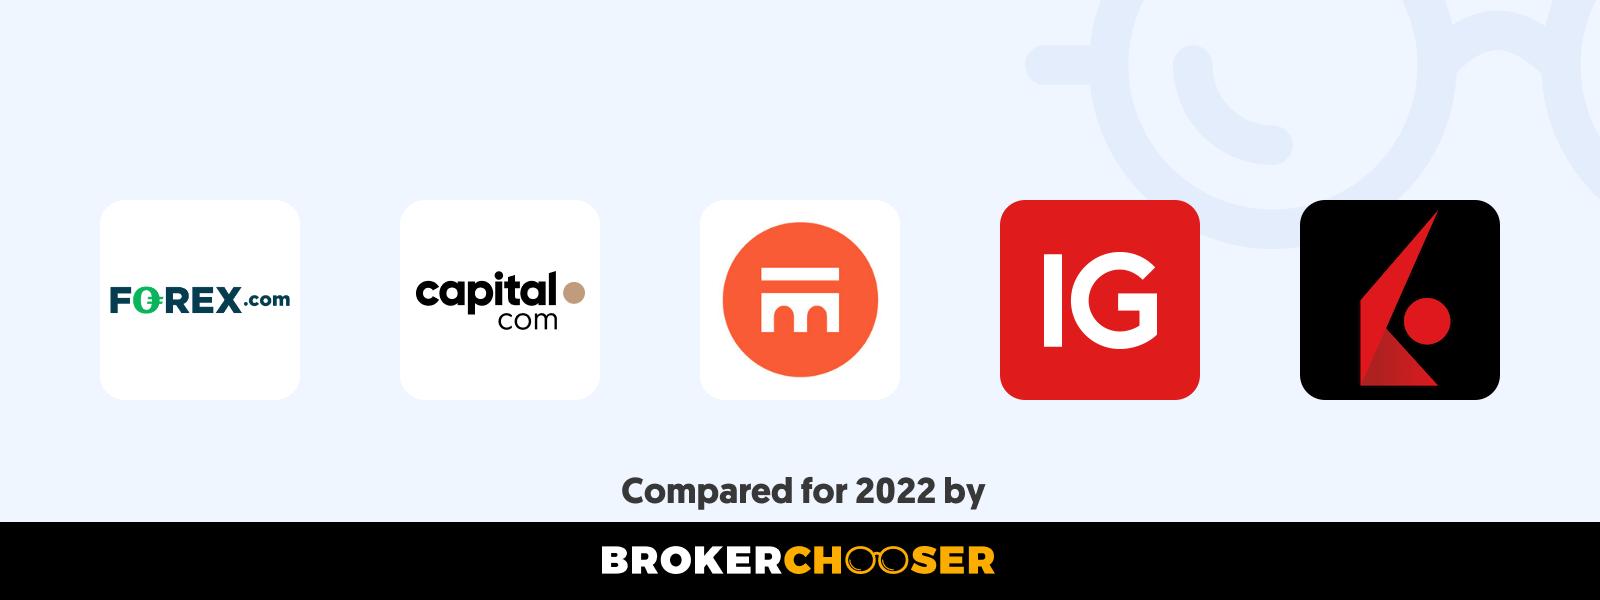 Best forex brokers for beginners in Honduras in 2021